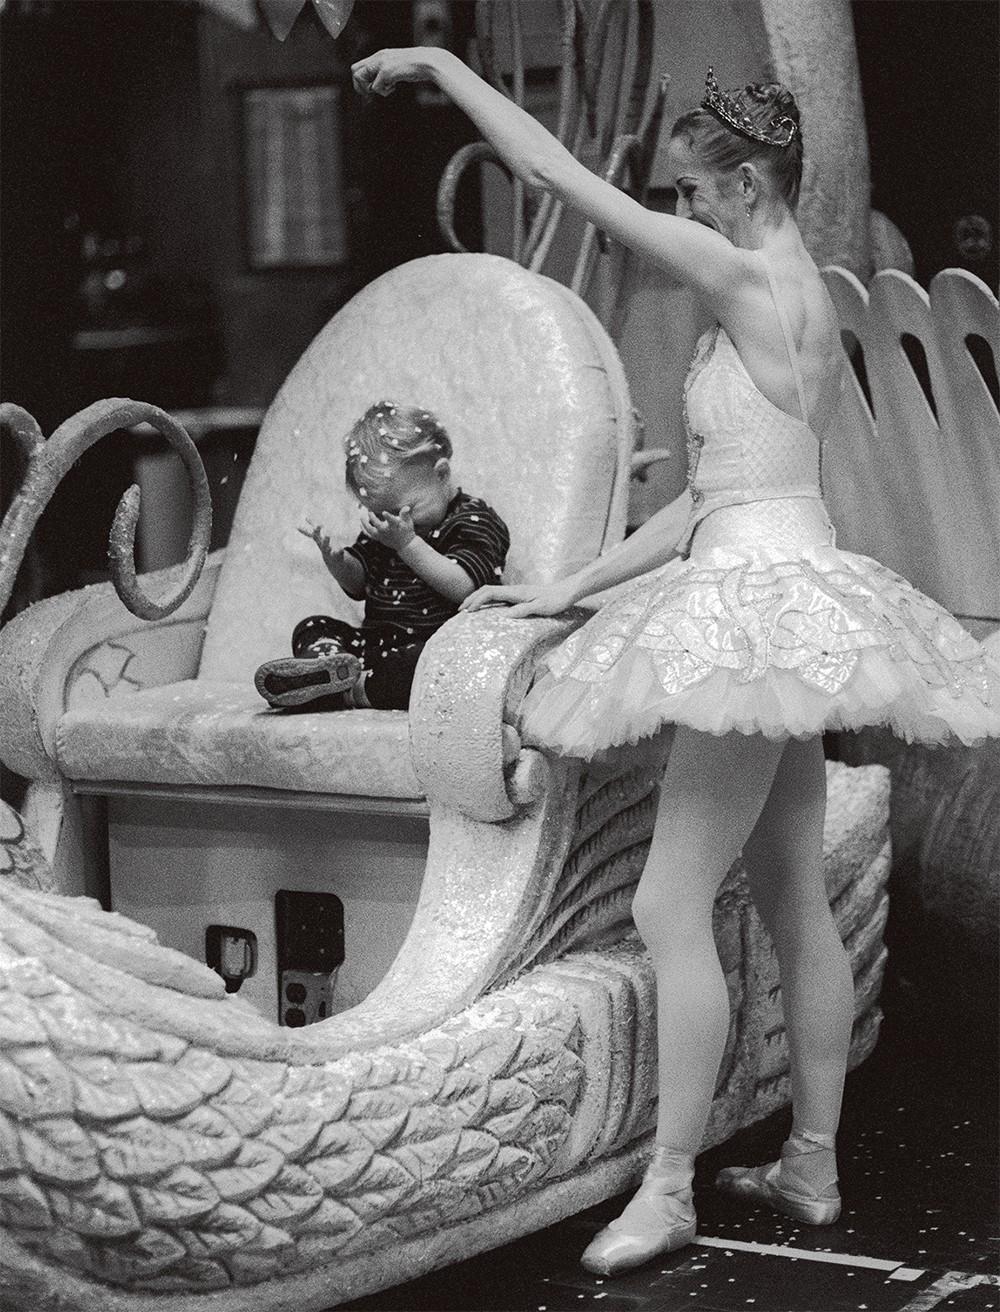 母親與芭蕾舞者對大多數人而言都是難以融合的衝突角色,在鏡頭下會展現出怎樣的張力?